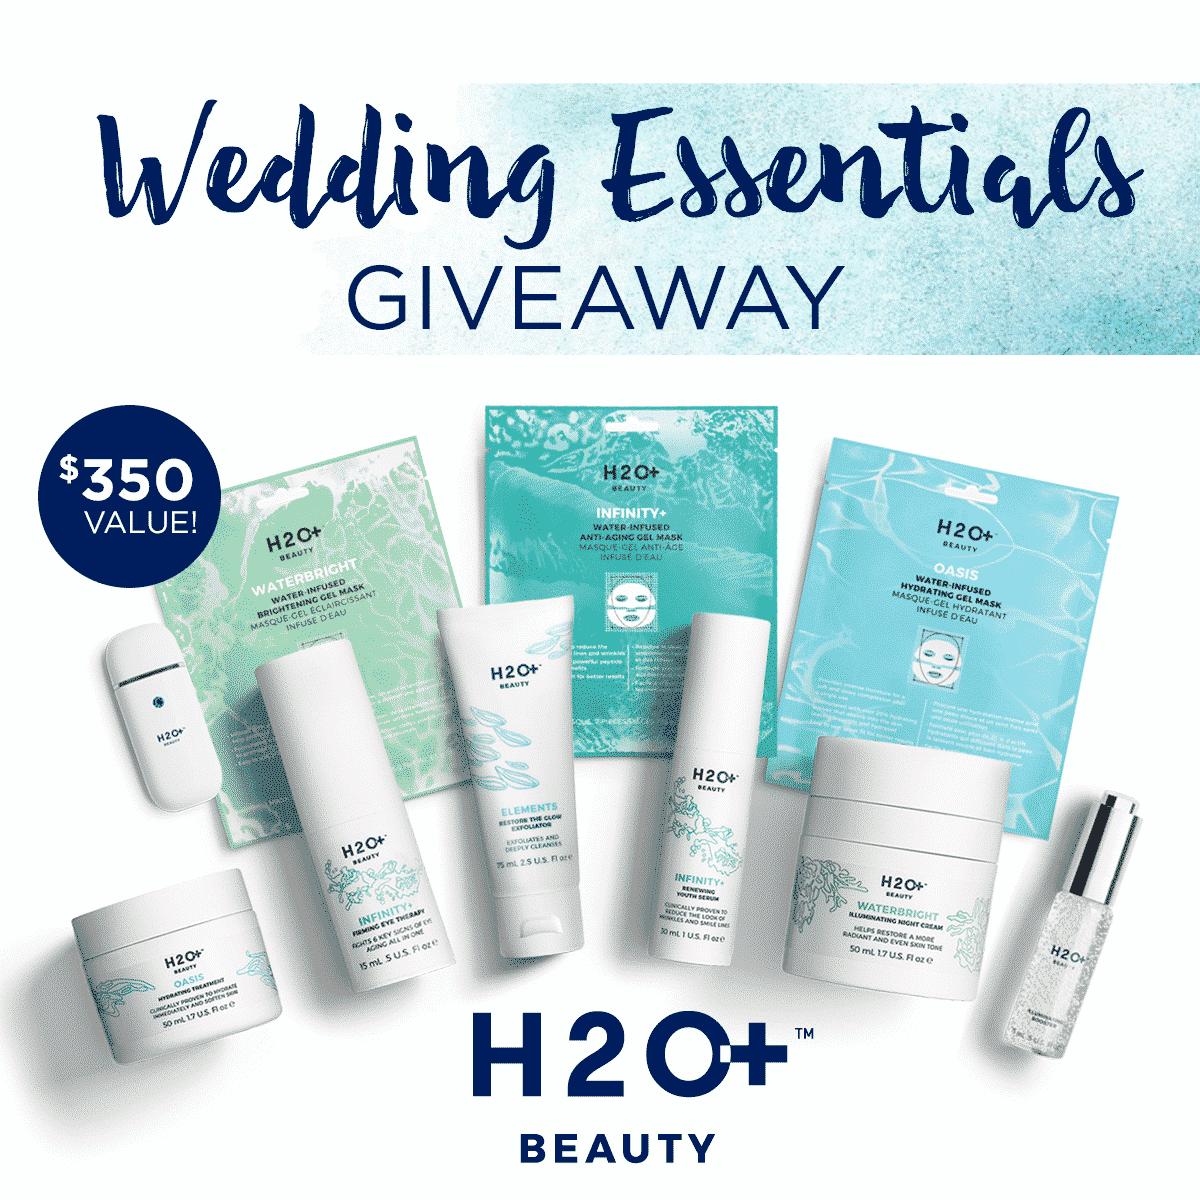 h20 plus bridal skincare giveaway